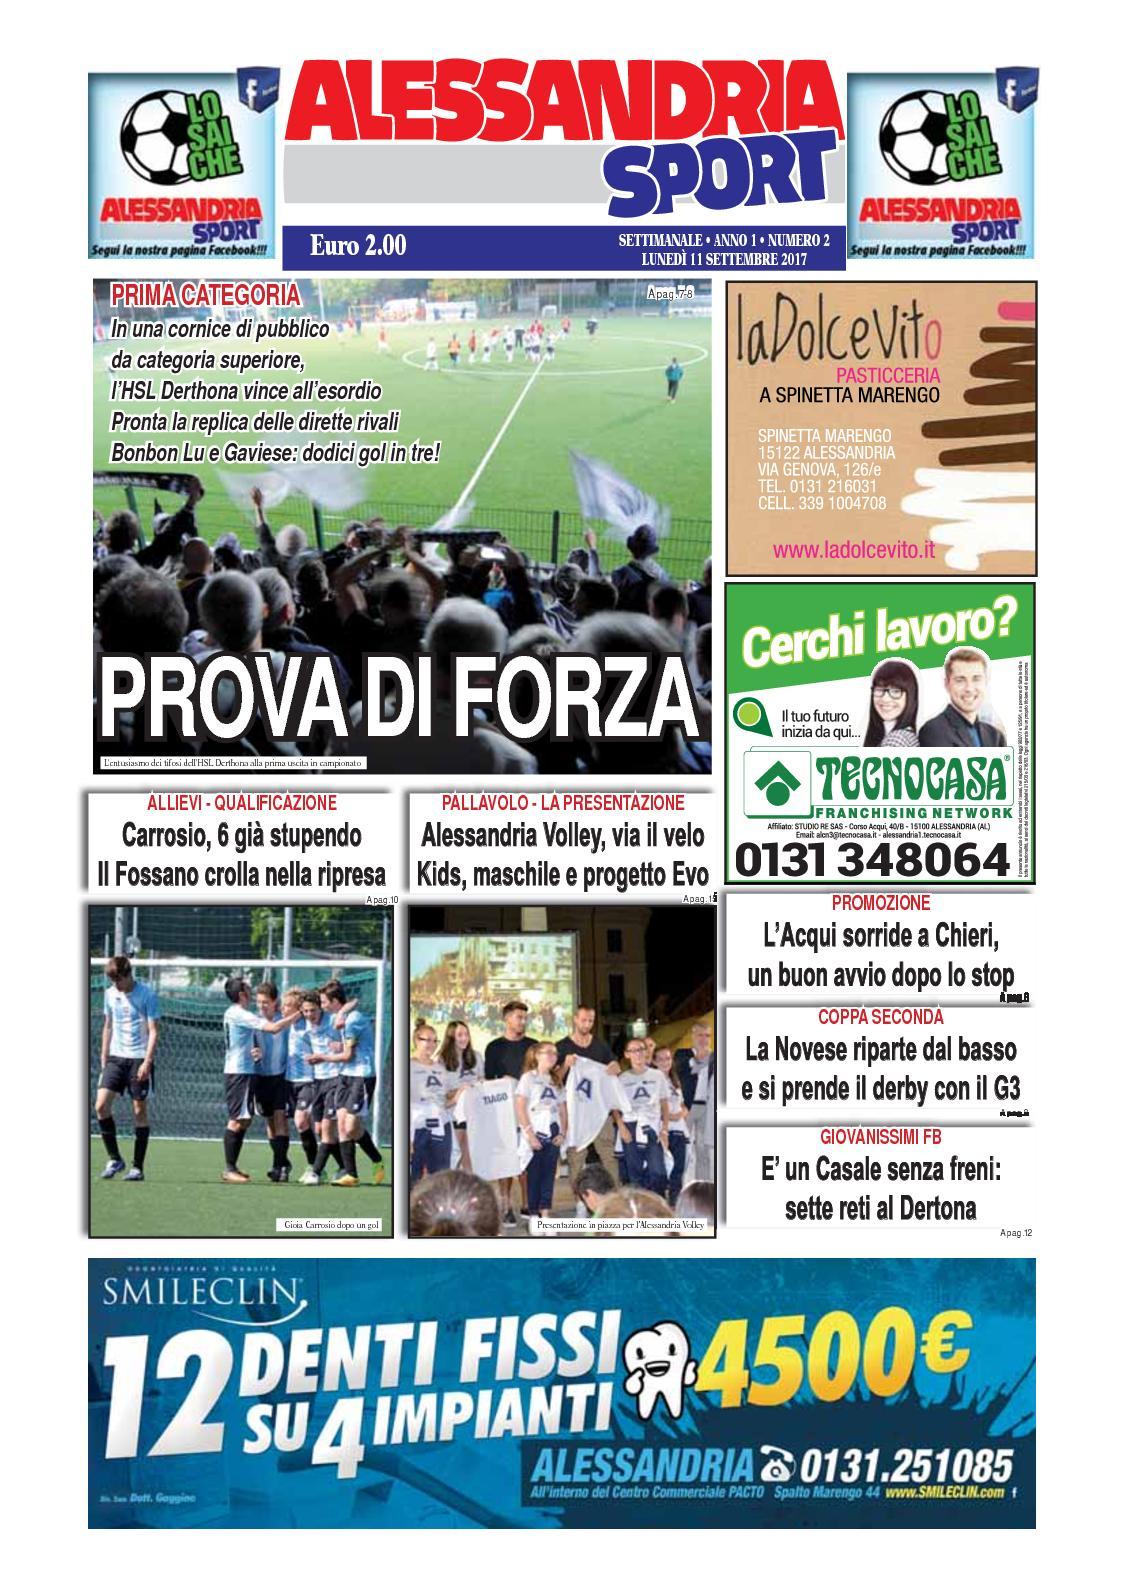 c2d2aff74 Calaméo - 2017 Alessandria Sport 21